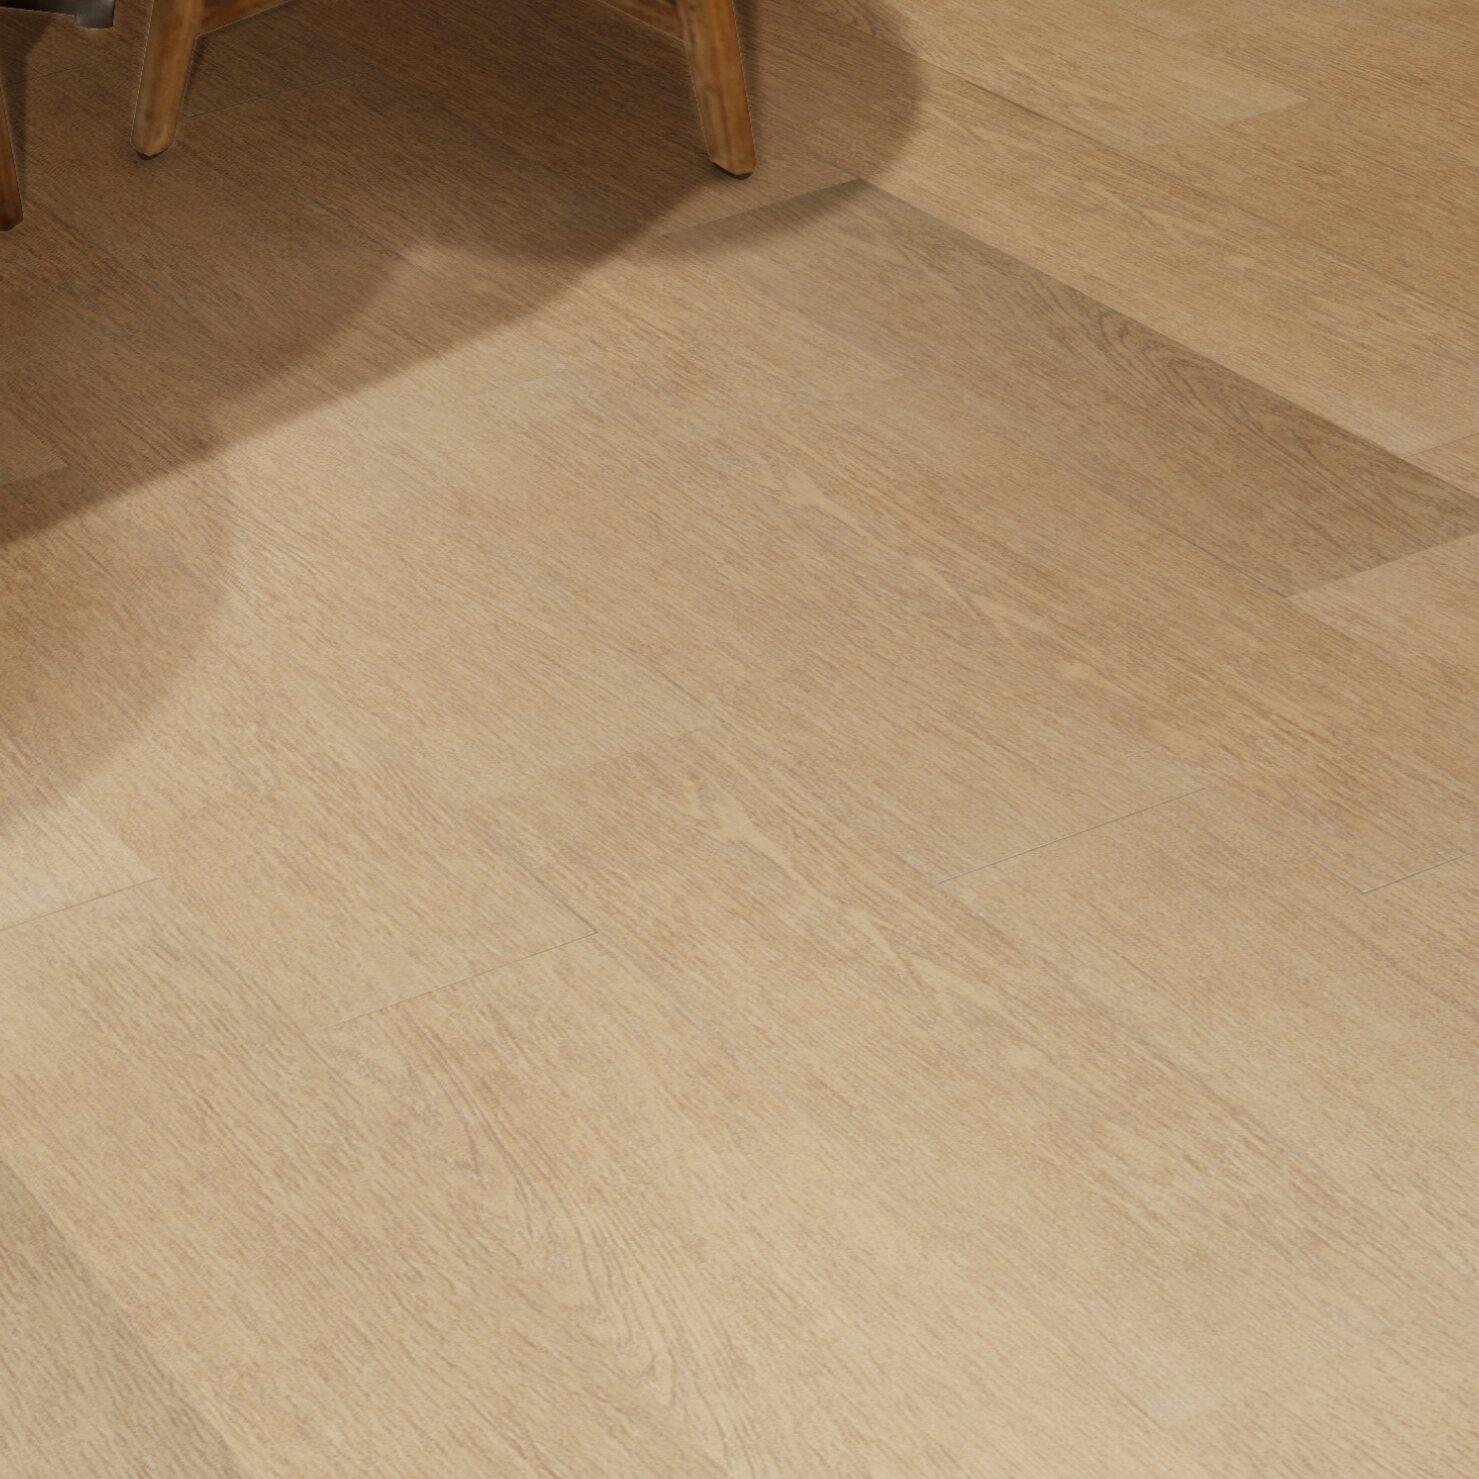 msi wood stone 6 x 24 ceramic wood look tile in cedar reviews wayfair. Black Bedroom Furniture Sets. Home Design Ideas